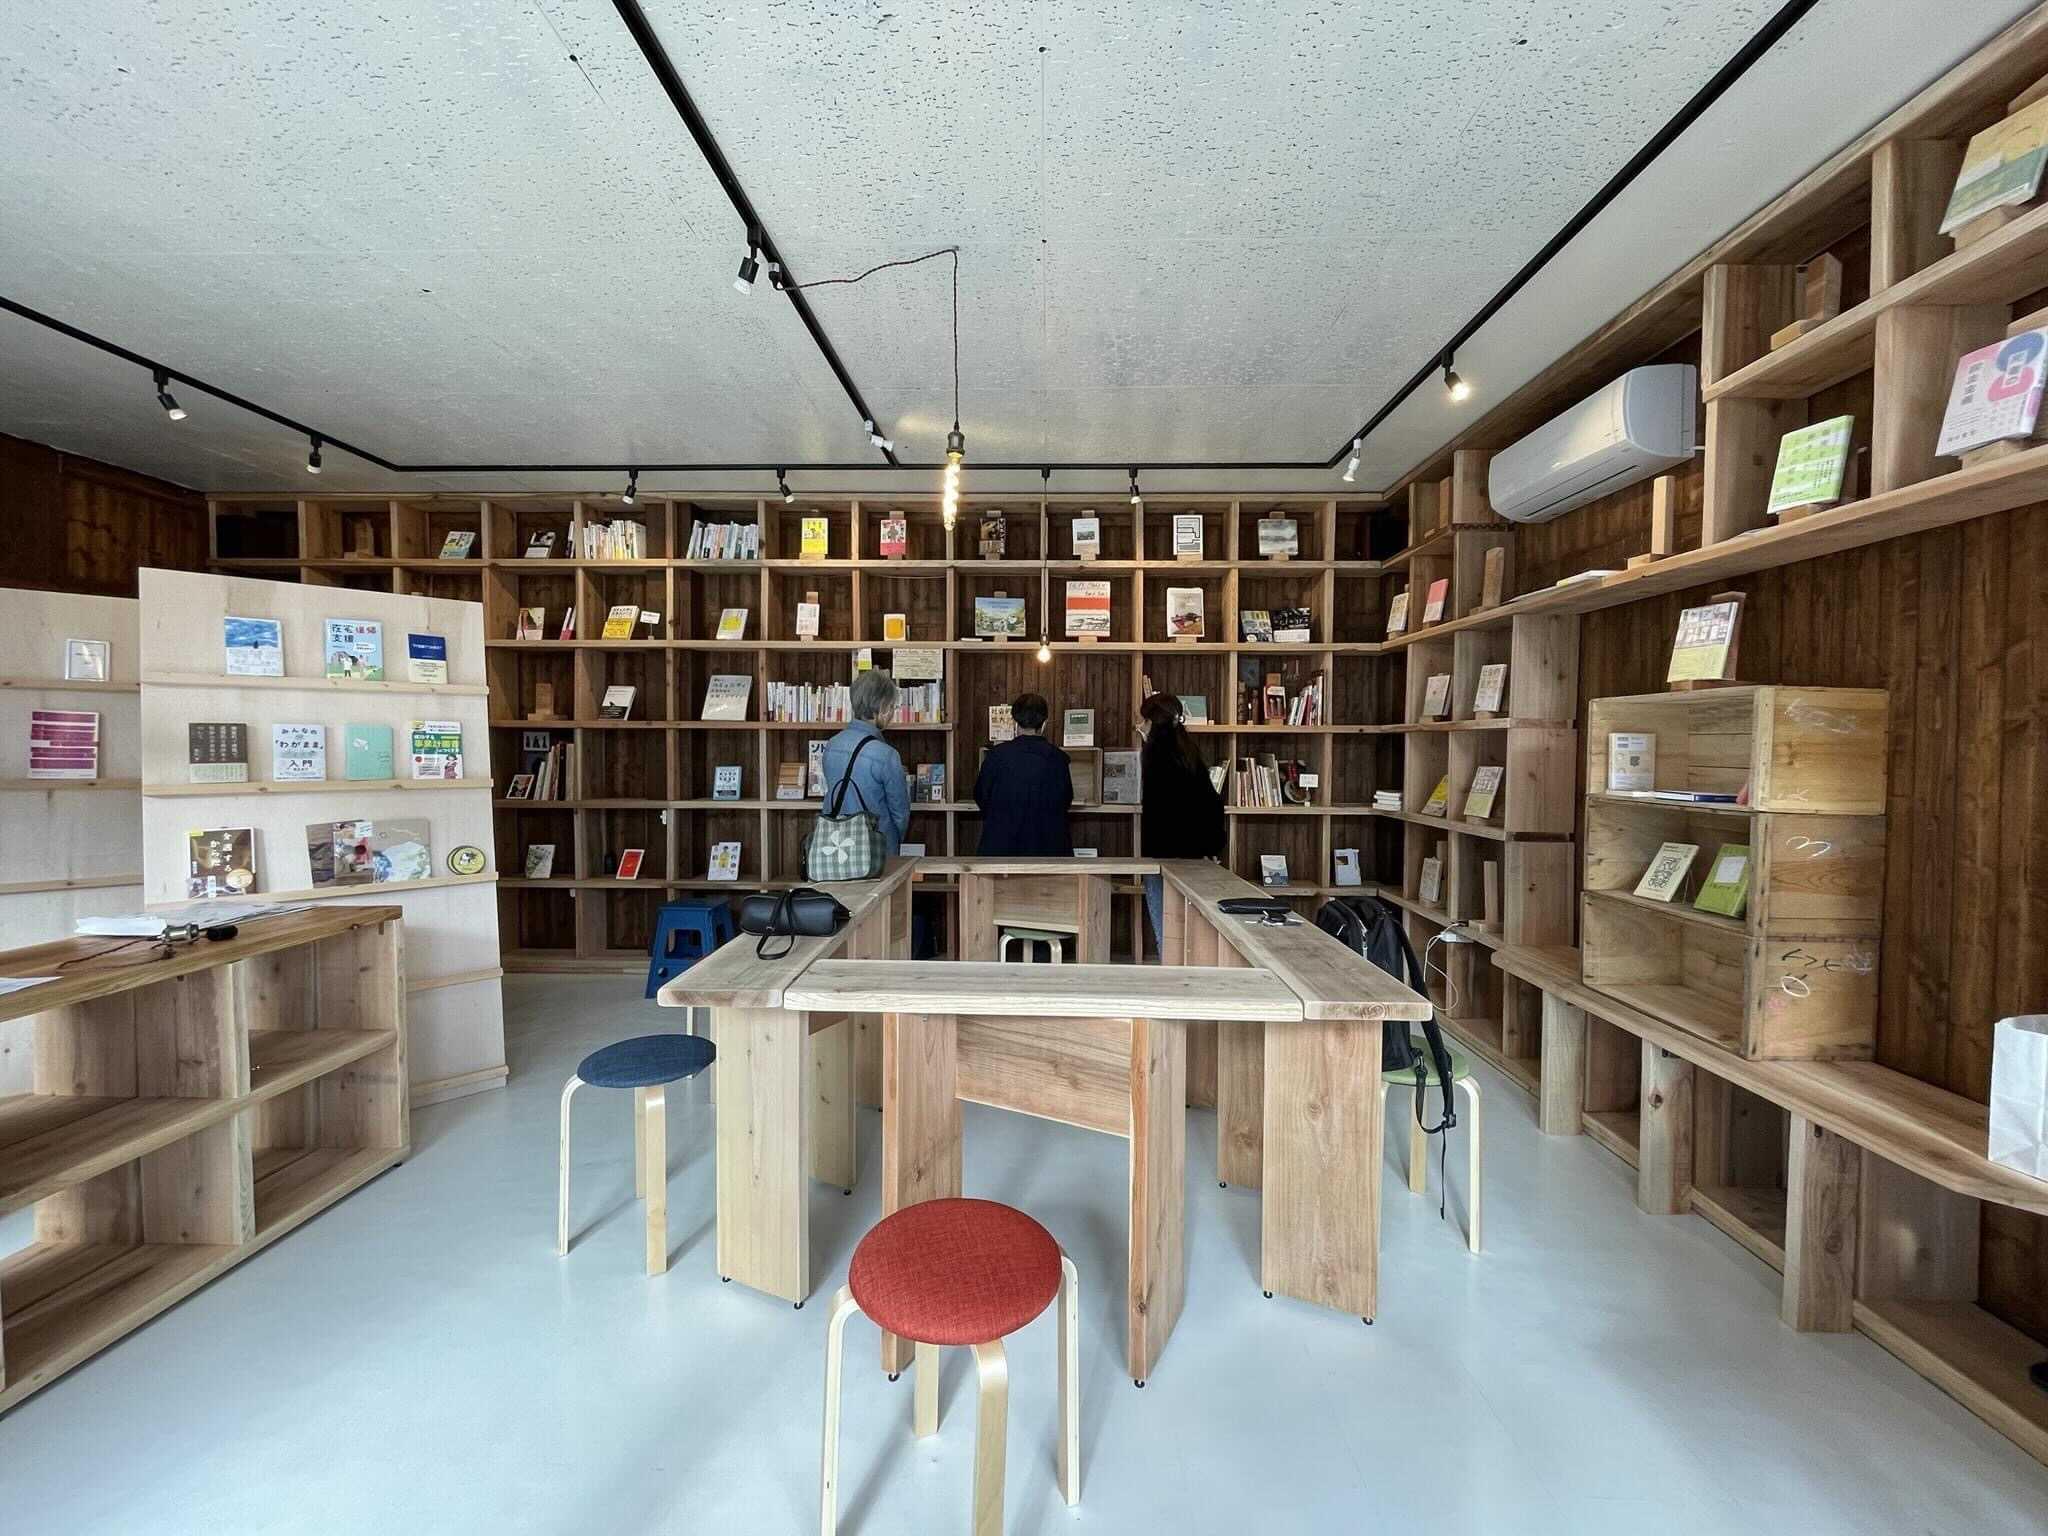 本と暮らしのあるところ だいかい文庫